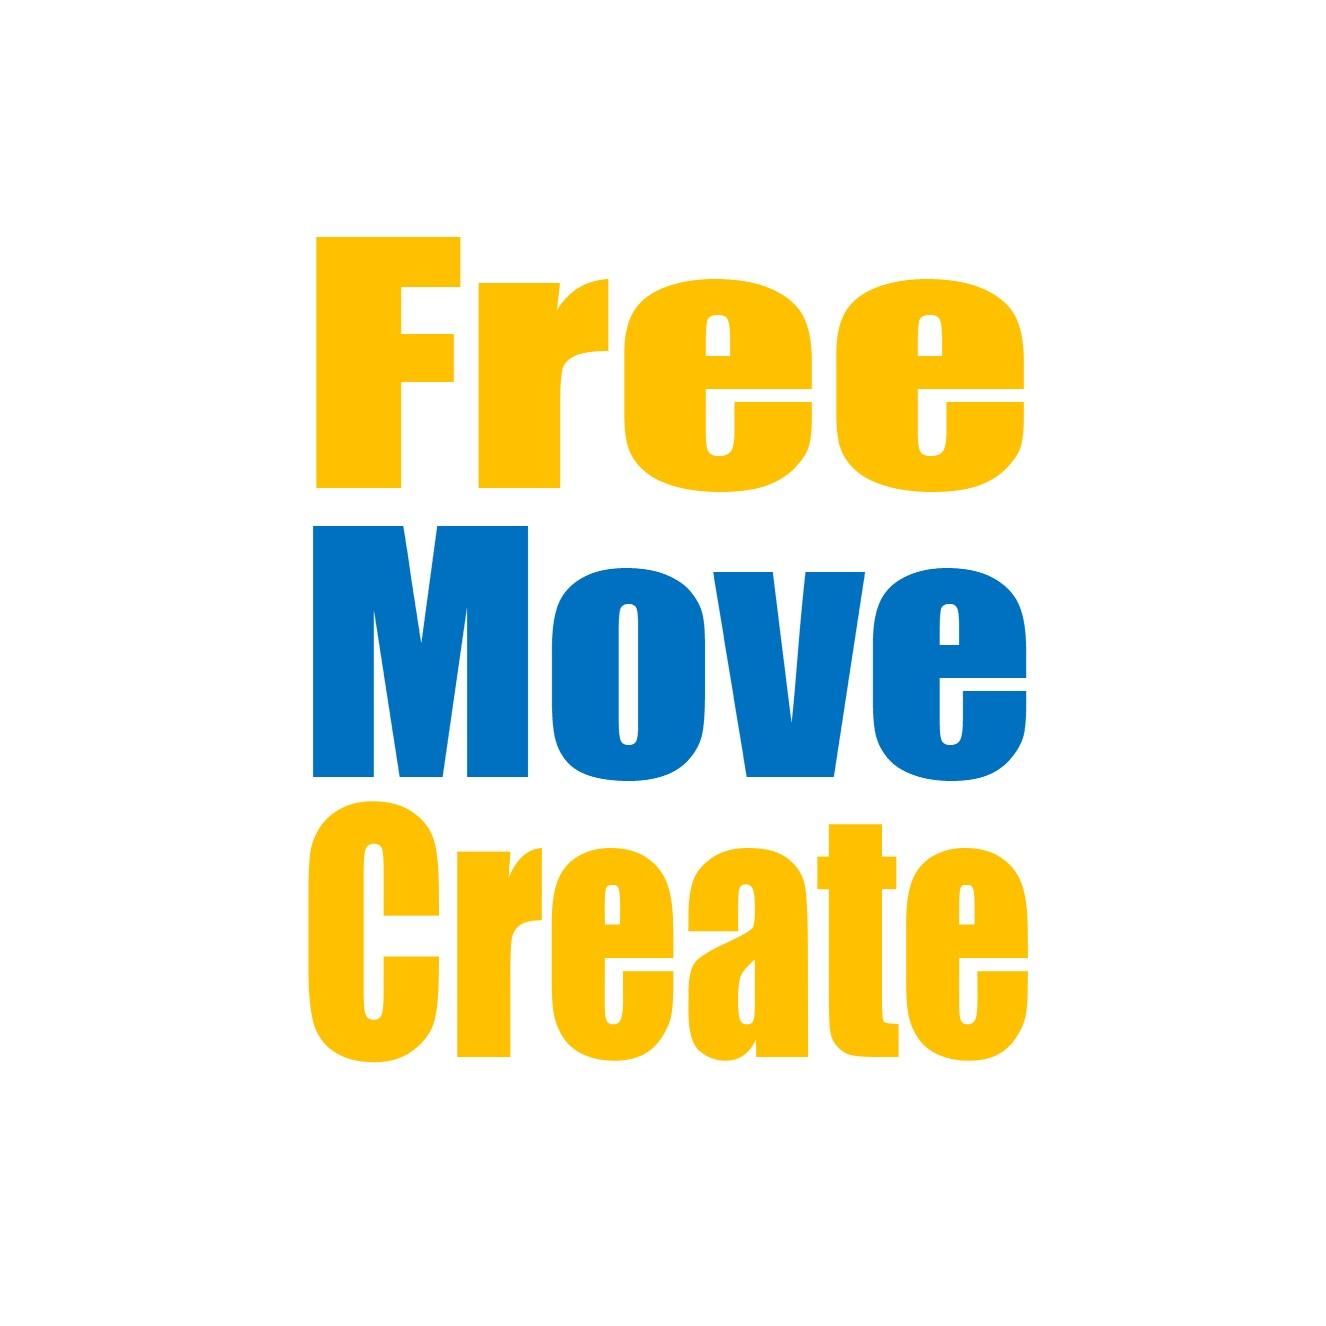 #FreeMoveCreate campaign